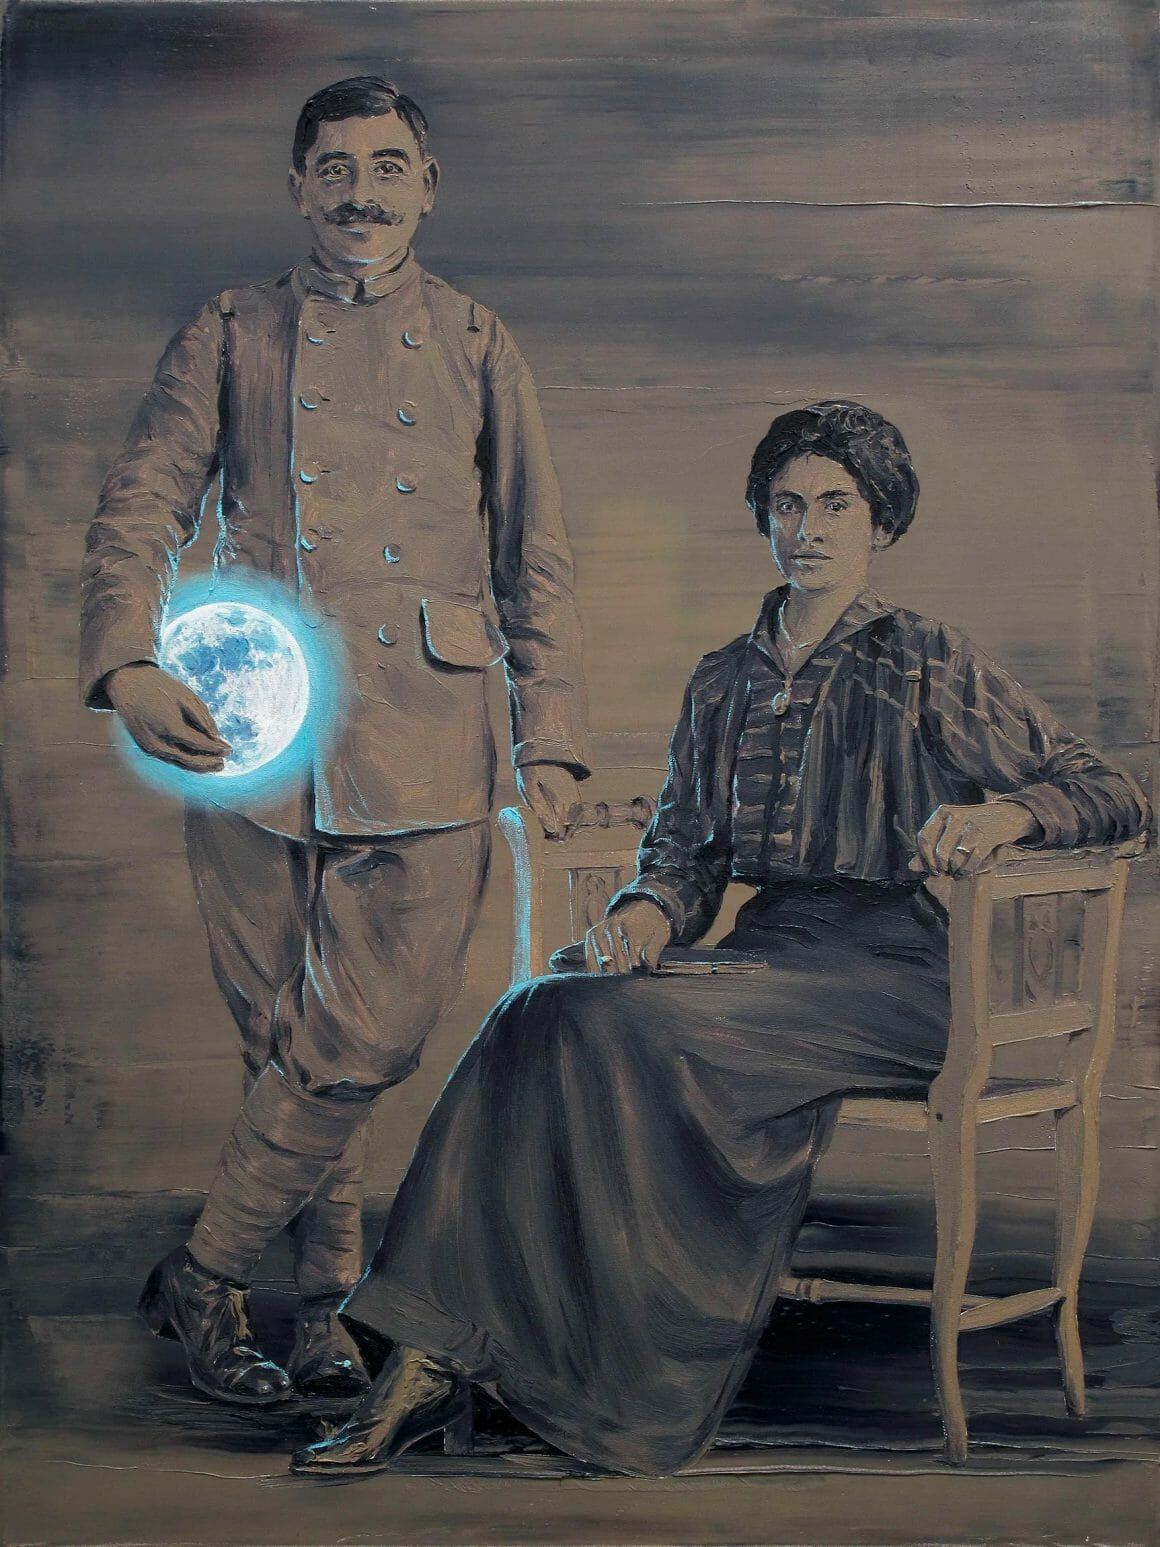 Peinture d'un portrait de  couple. La femme est assise, en habit d'époque et l'homme se tient debout à ses côtés en habit militaire. Il tient dans sa  main droite une lune bleue et lumineuse.